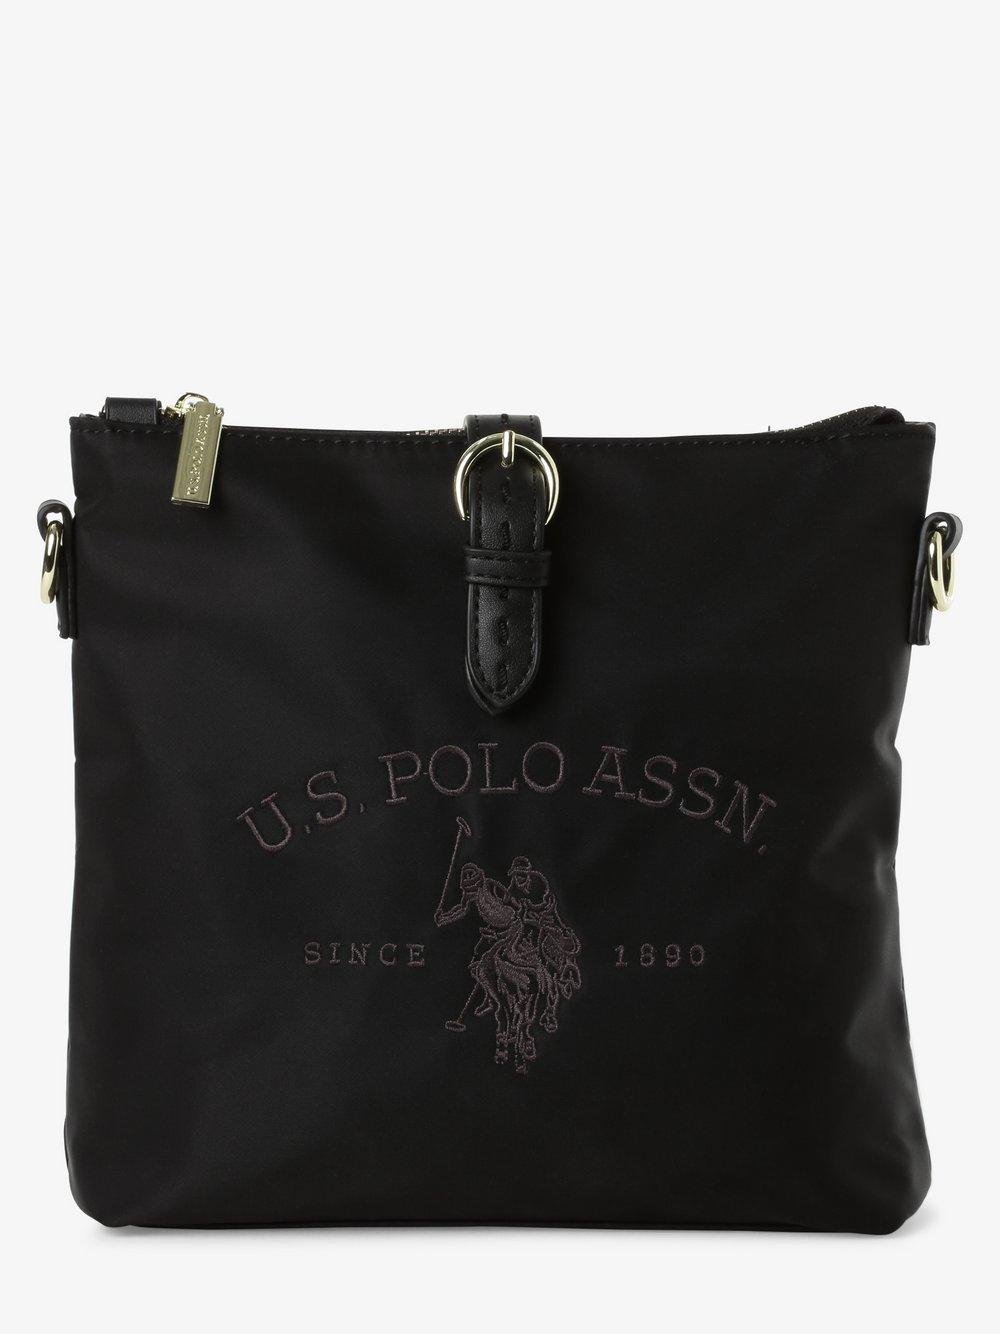 U.S. Polo Assn. – Damska torebka na ramię, czarny Van Graaf 466430-0001-00000